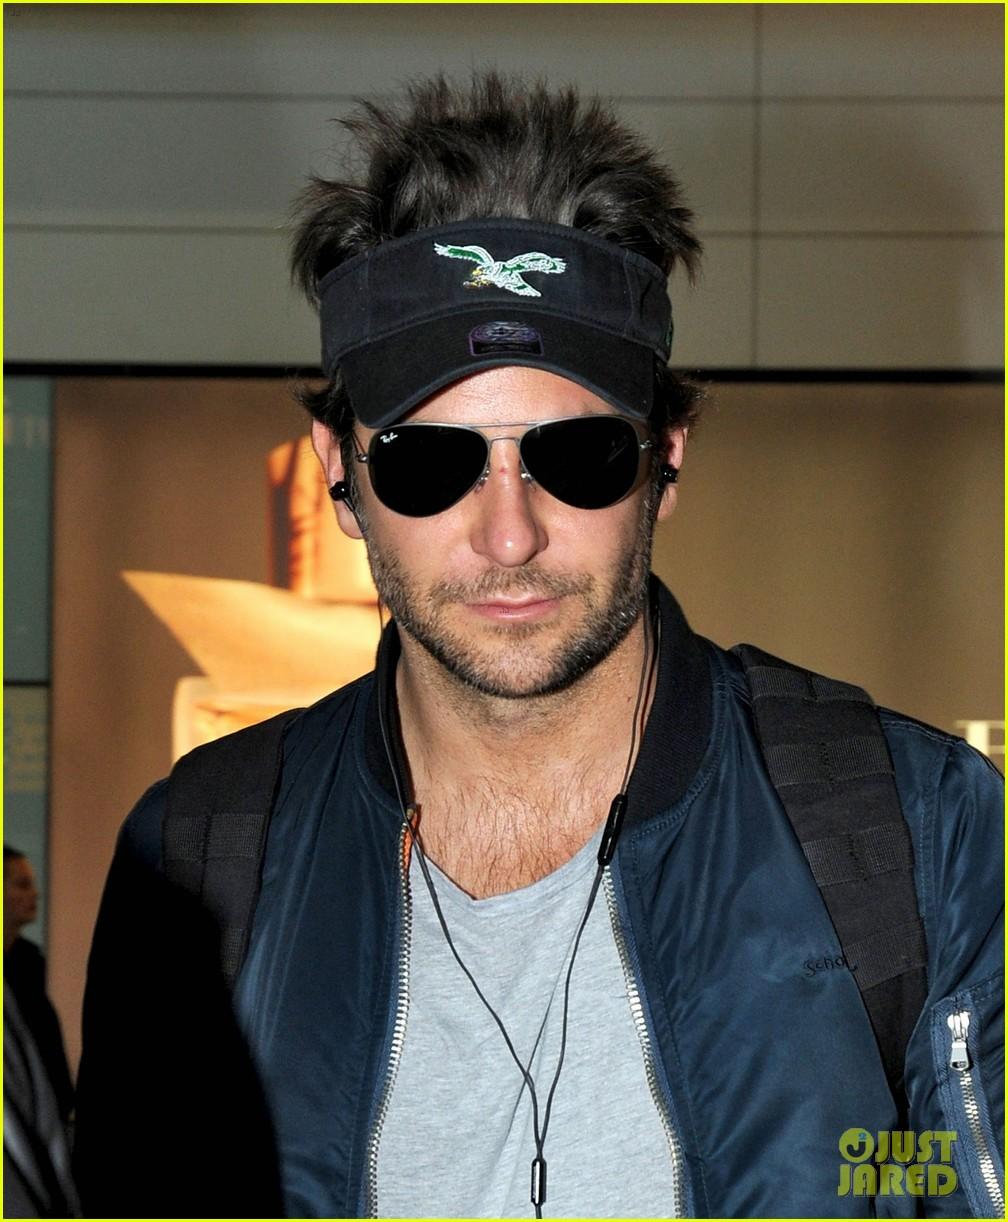 Spiky Hair Visor : spiky, visor, Bradley, Cooper, Rocks, Visor, Spiked, London, Landing:, Photo, 3213120, Pictures, Jared